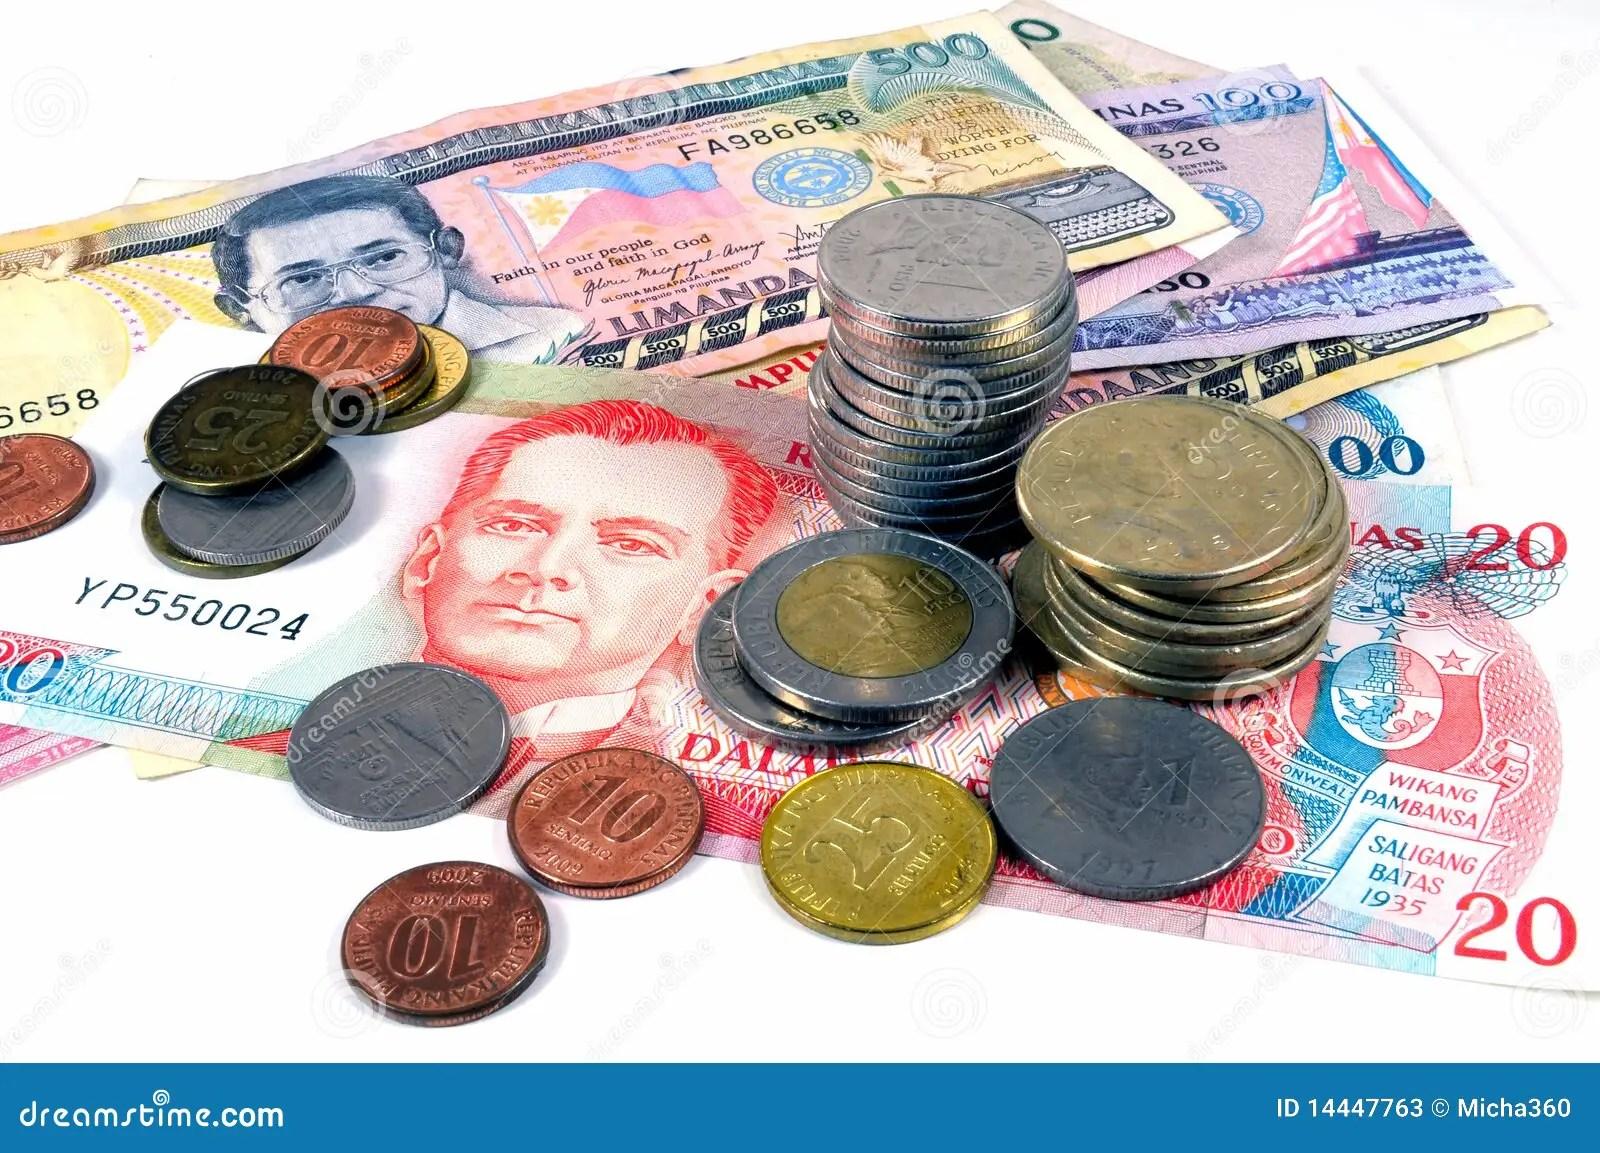 Philippines Money Stock Photos